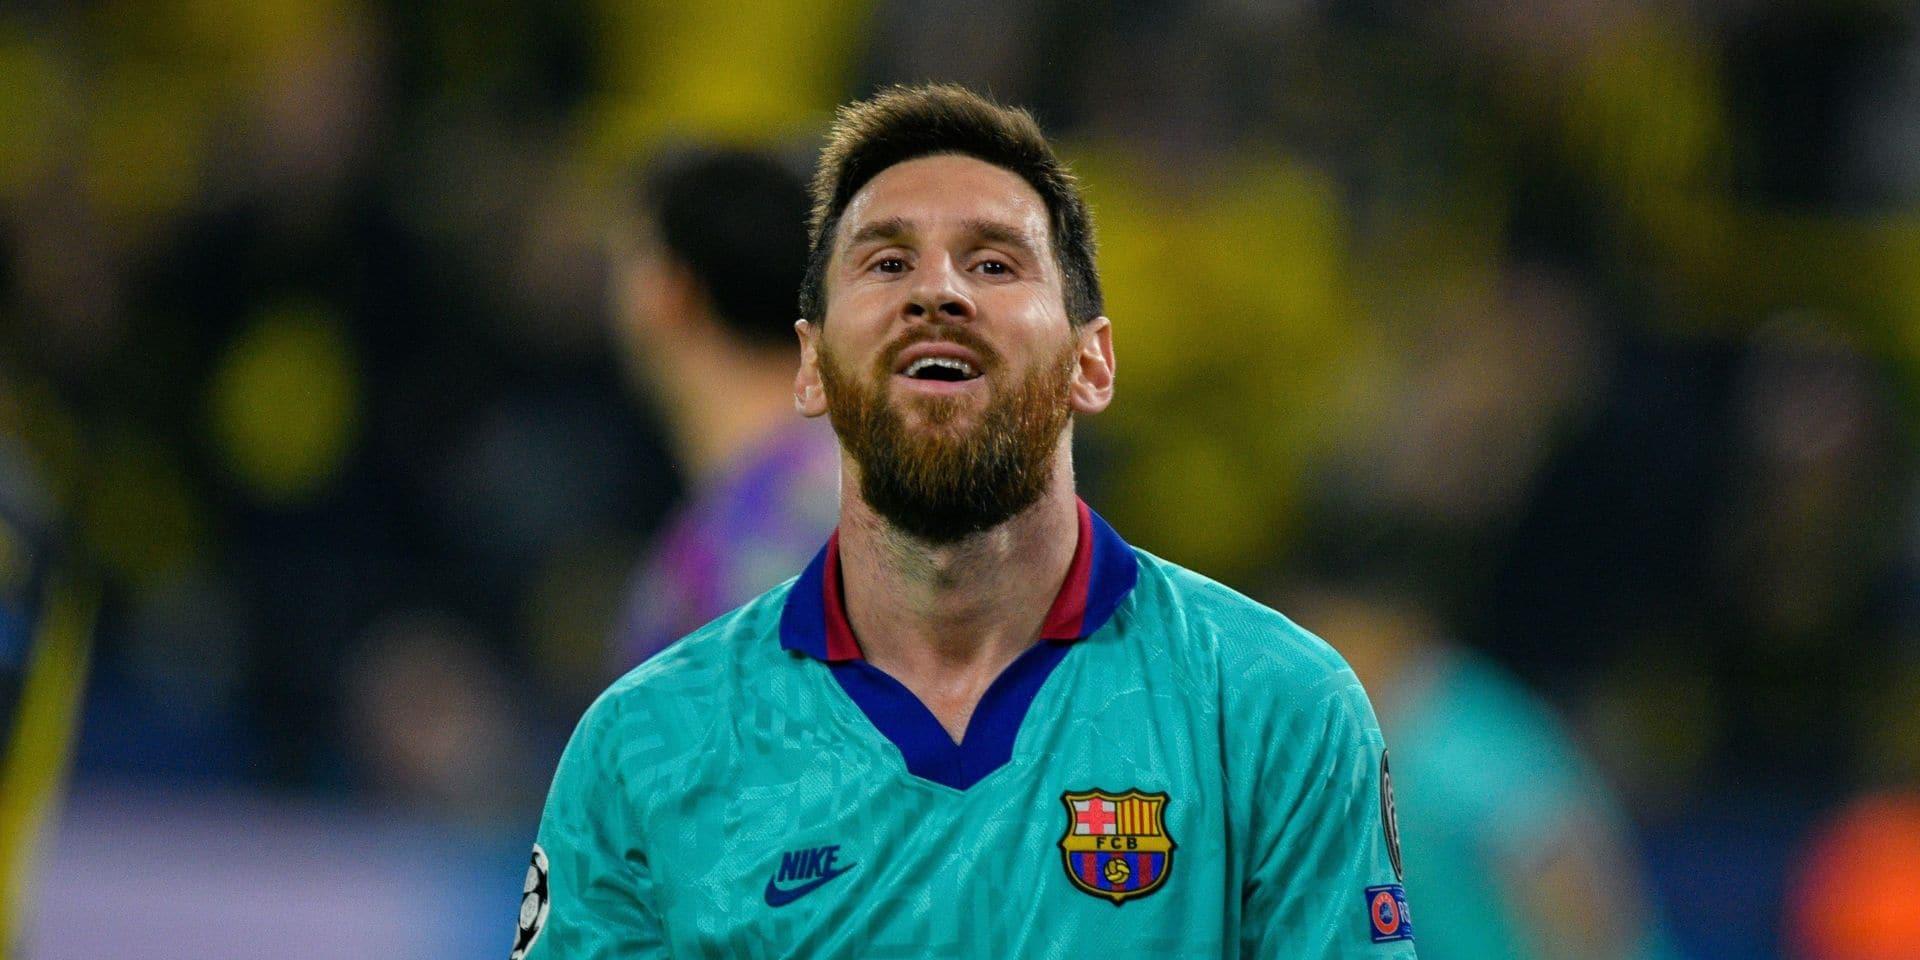 Le nouveau challenge que s'est lancé Lionel Messi